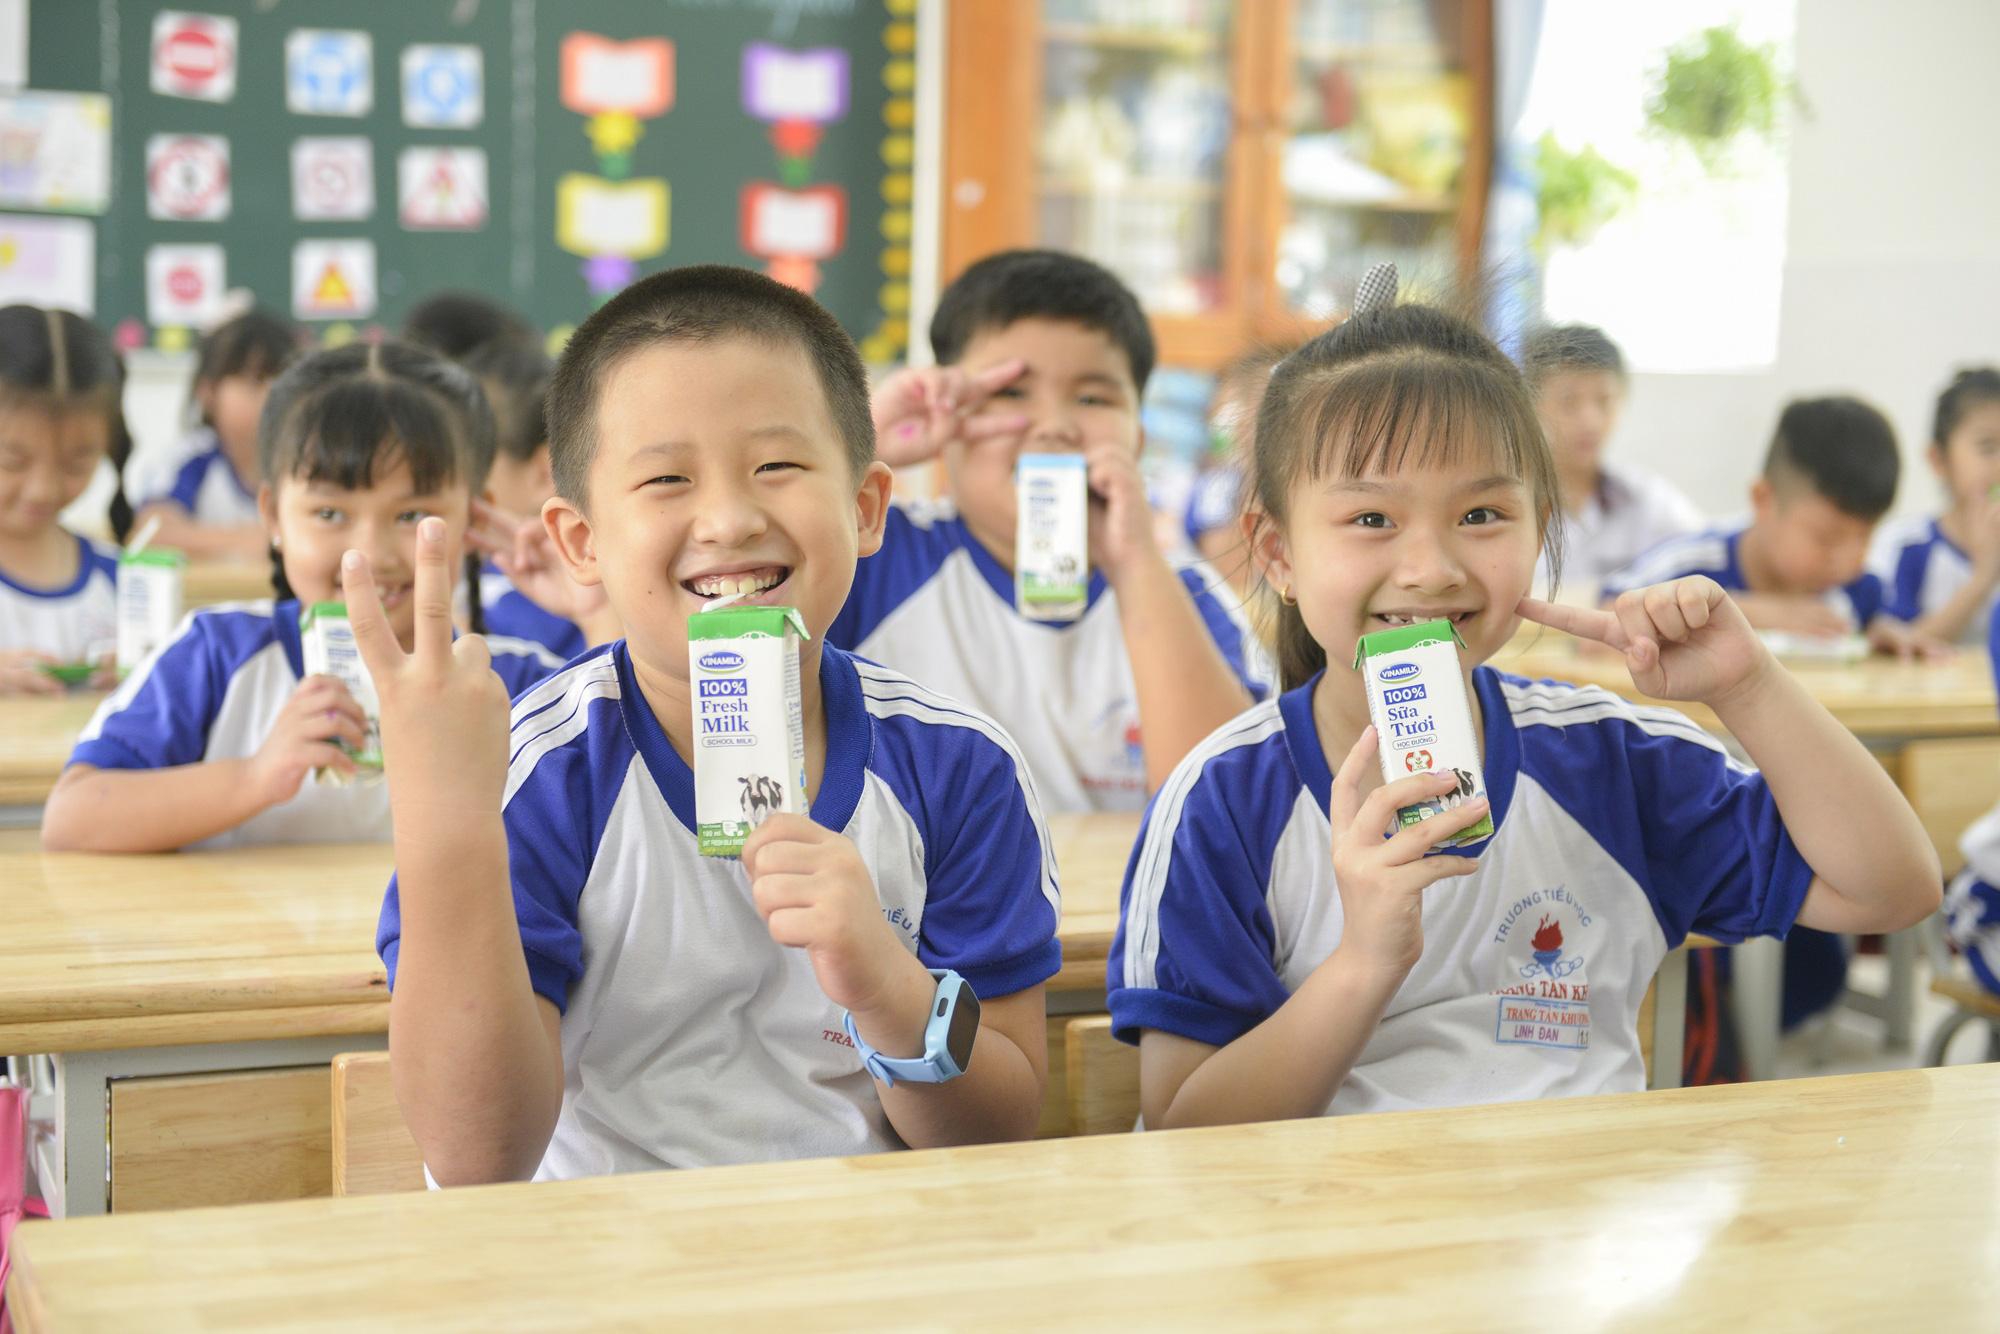 """Những giờ uống sữa """"vui khoẻ, an toàn"""" của học sinh TP.HCM - Ảnh 1."""